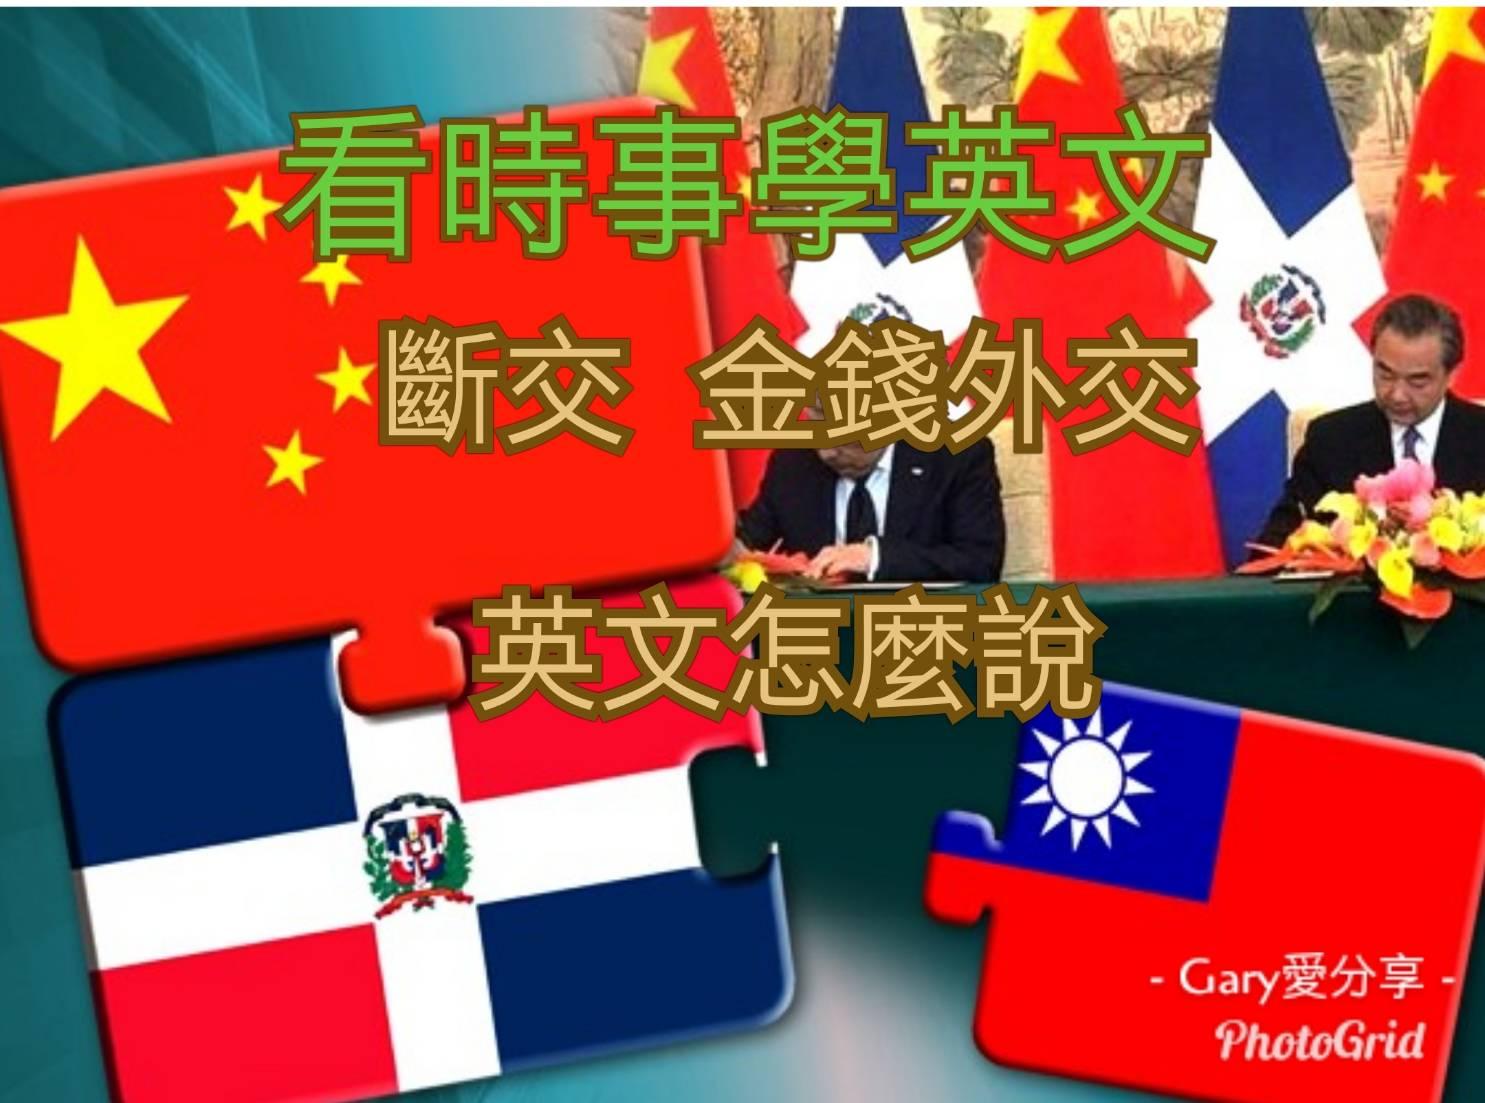 Gary愛分享 (Gary Love Share): 【看時事學英文】: 「斷交」及「金錢外交」的英文怎麼說?(@Gary愛分享)